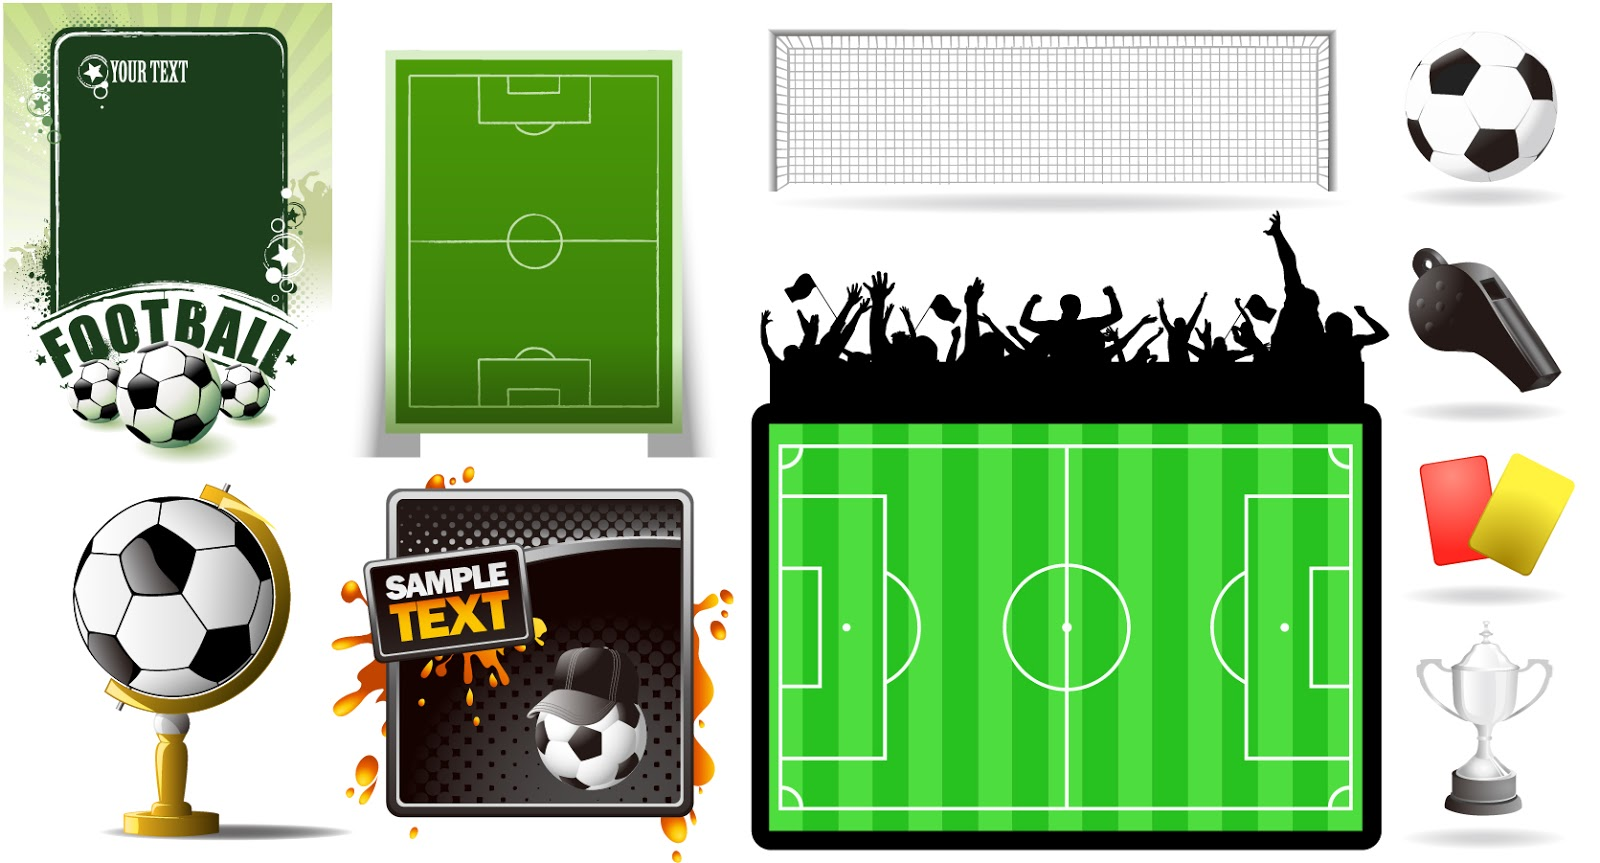 ... 素材 football theme vector イラスト : カード イラスト 素材 : イラスト